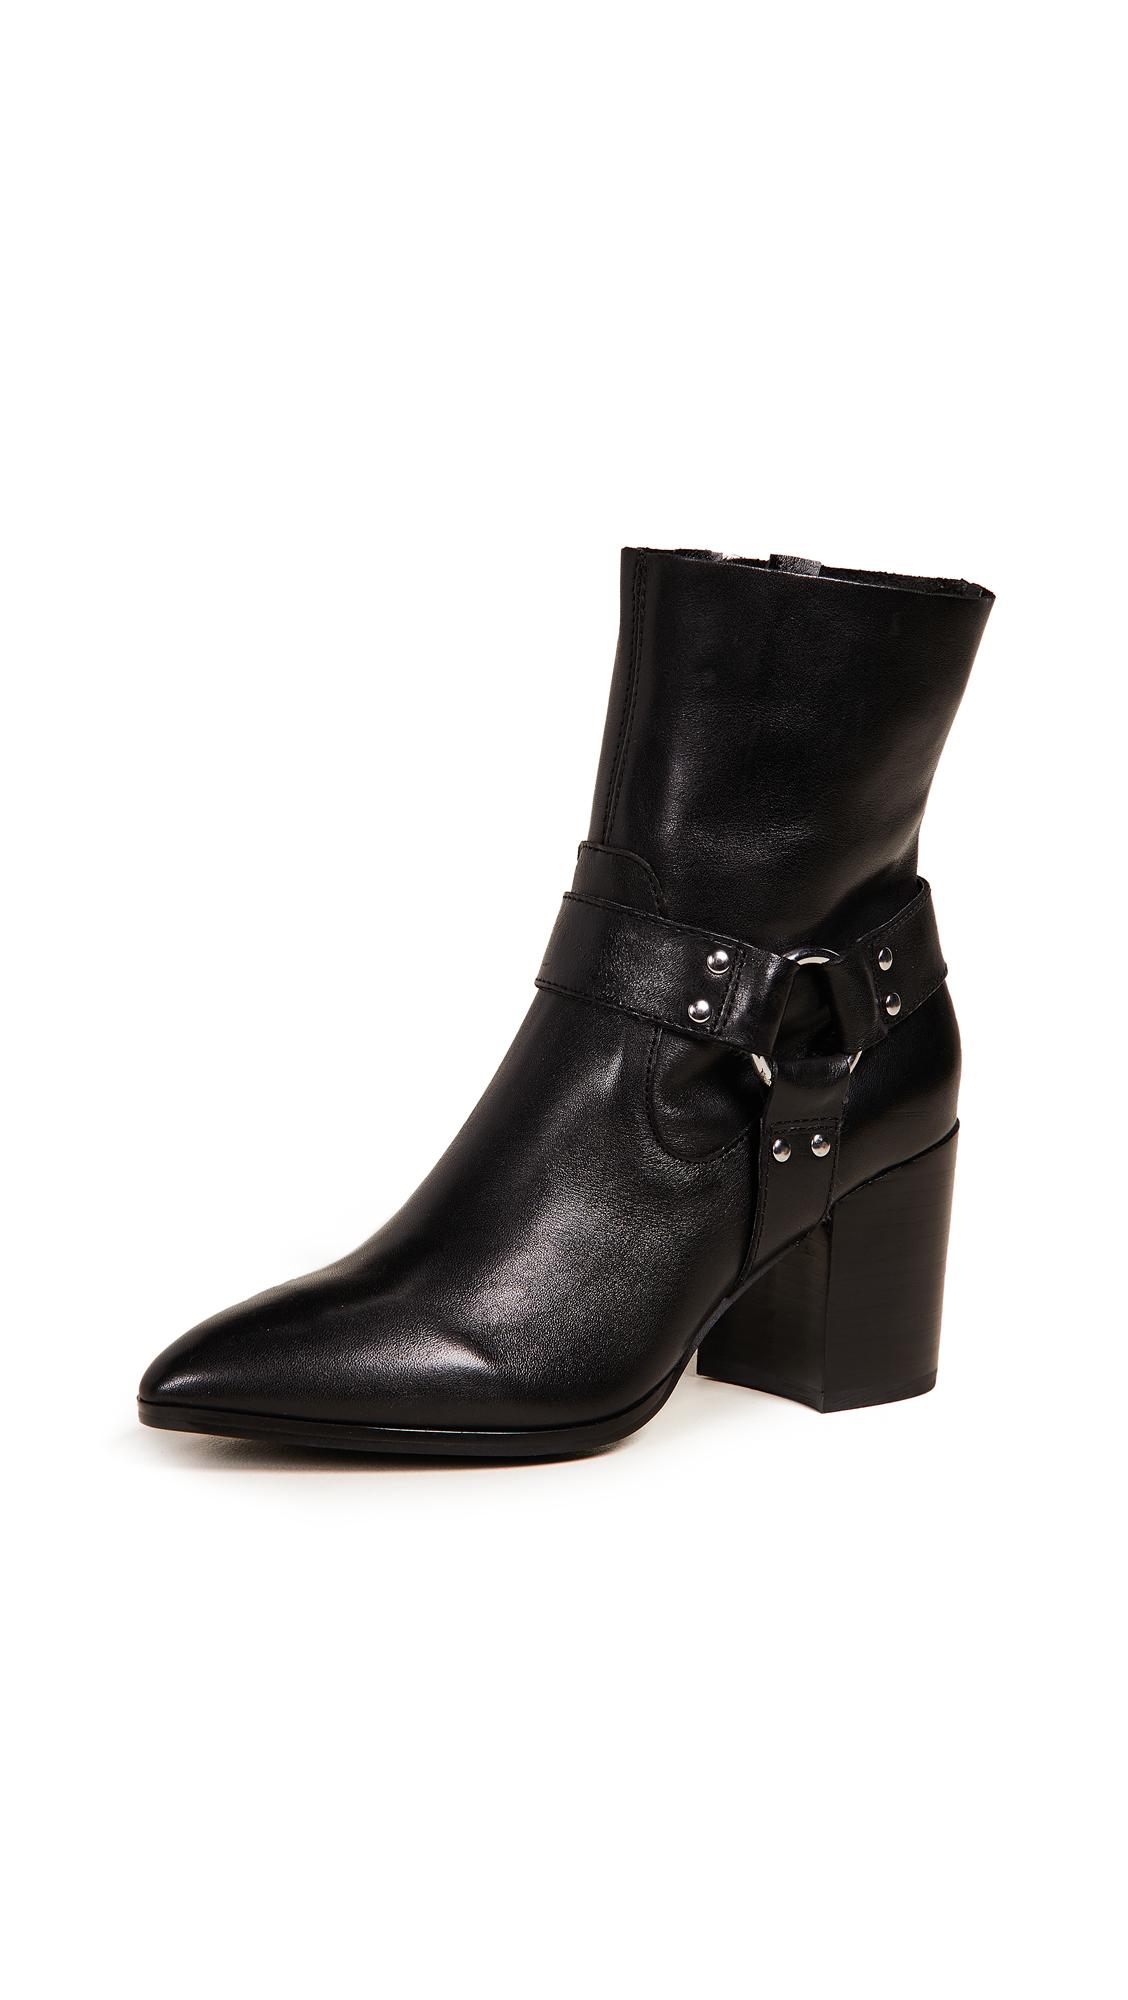 Steven Jiffie Block Heel Booties - Black